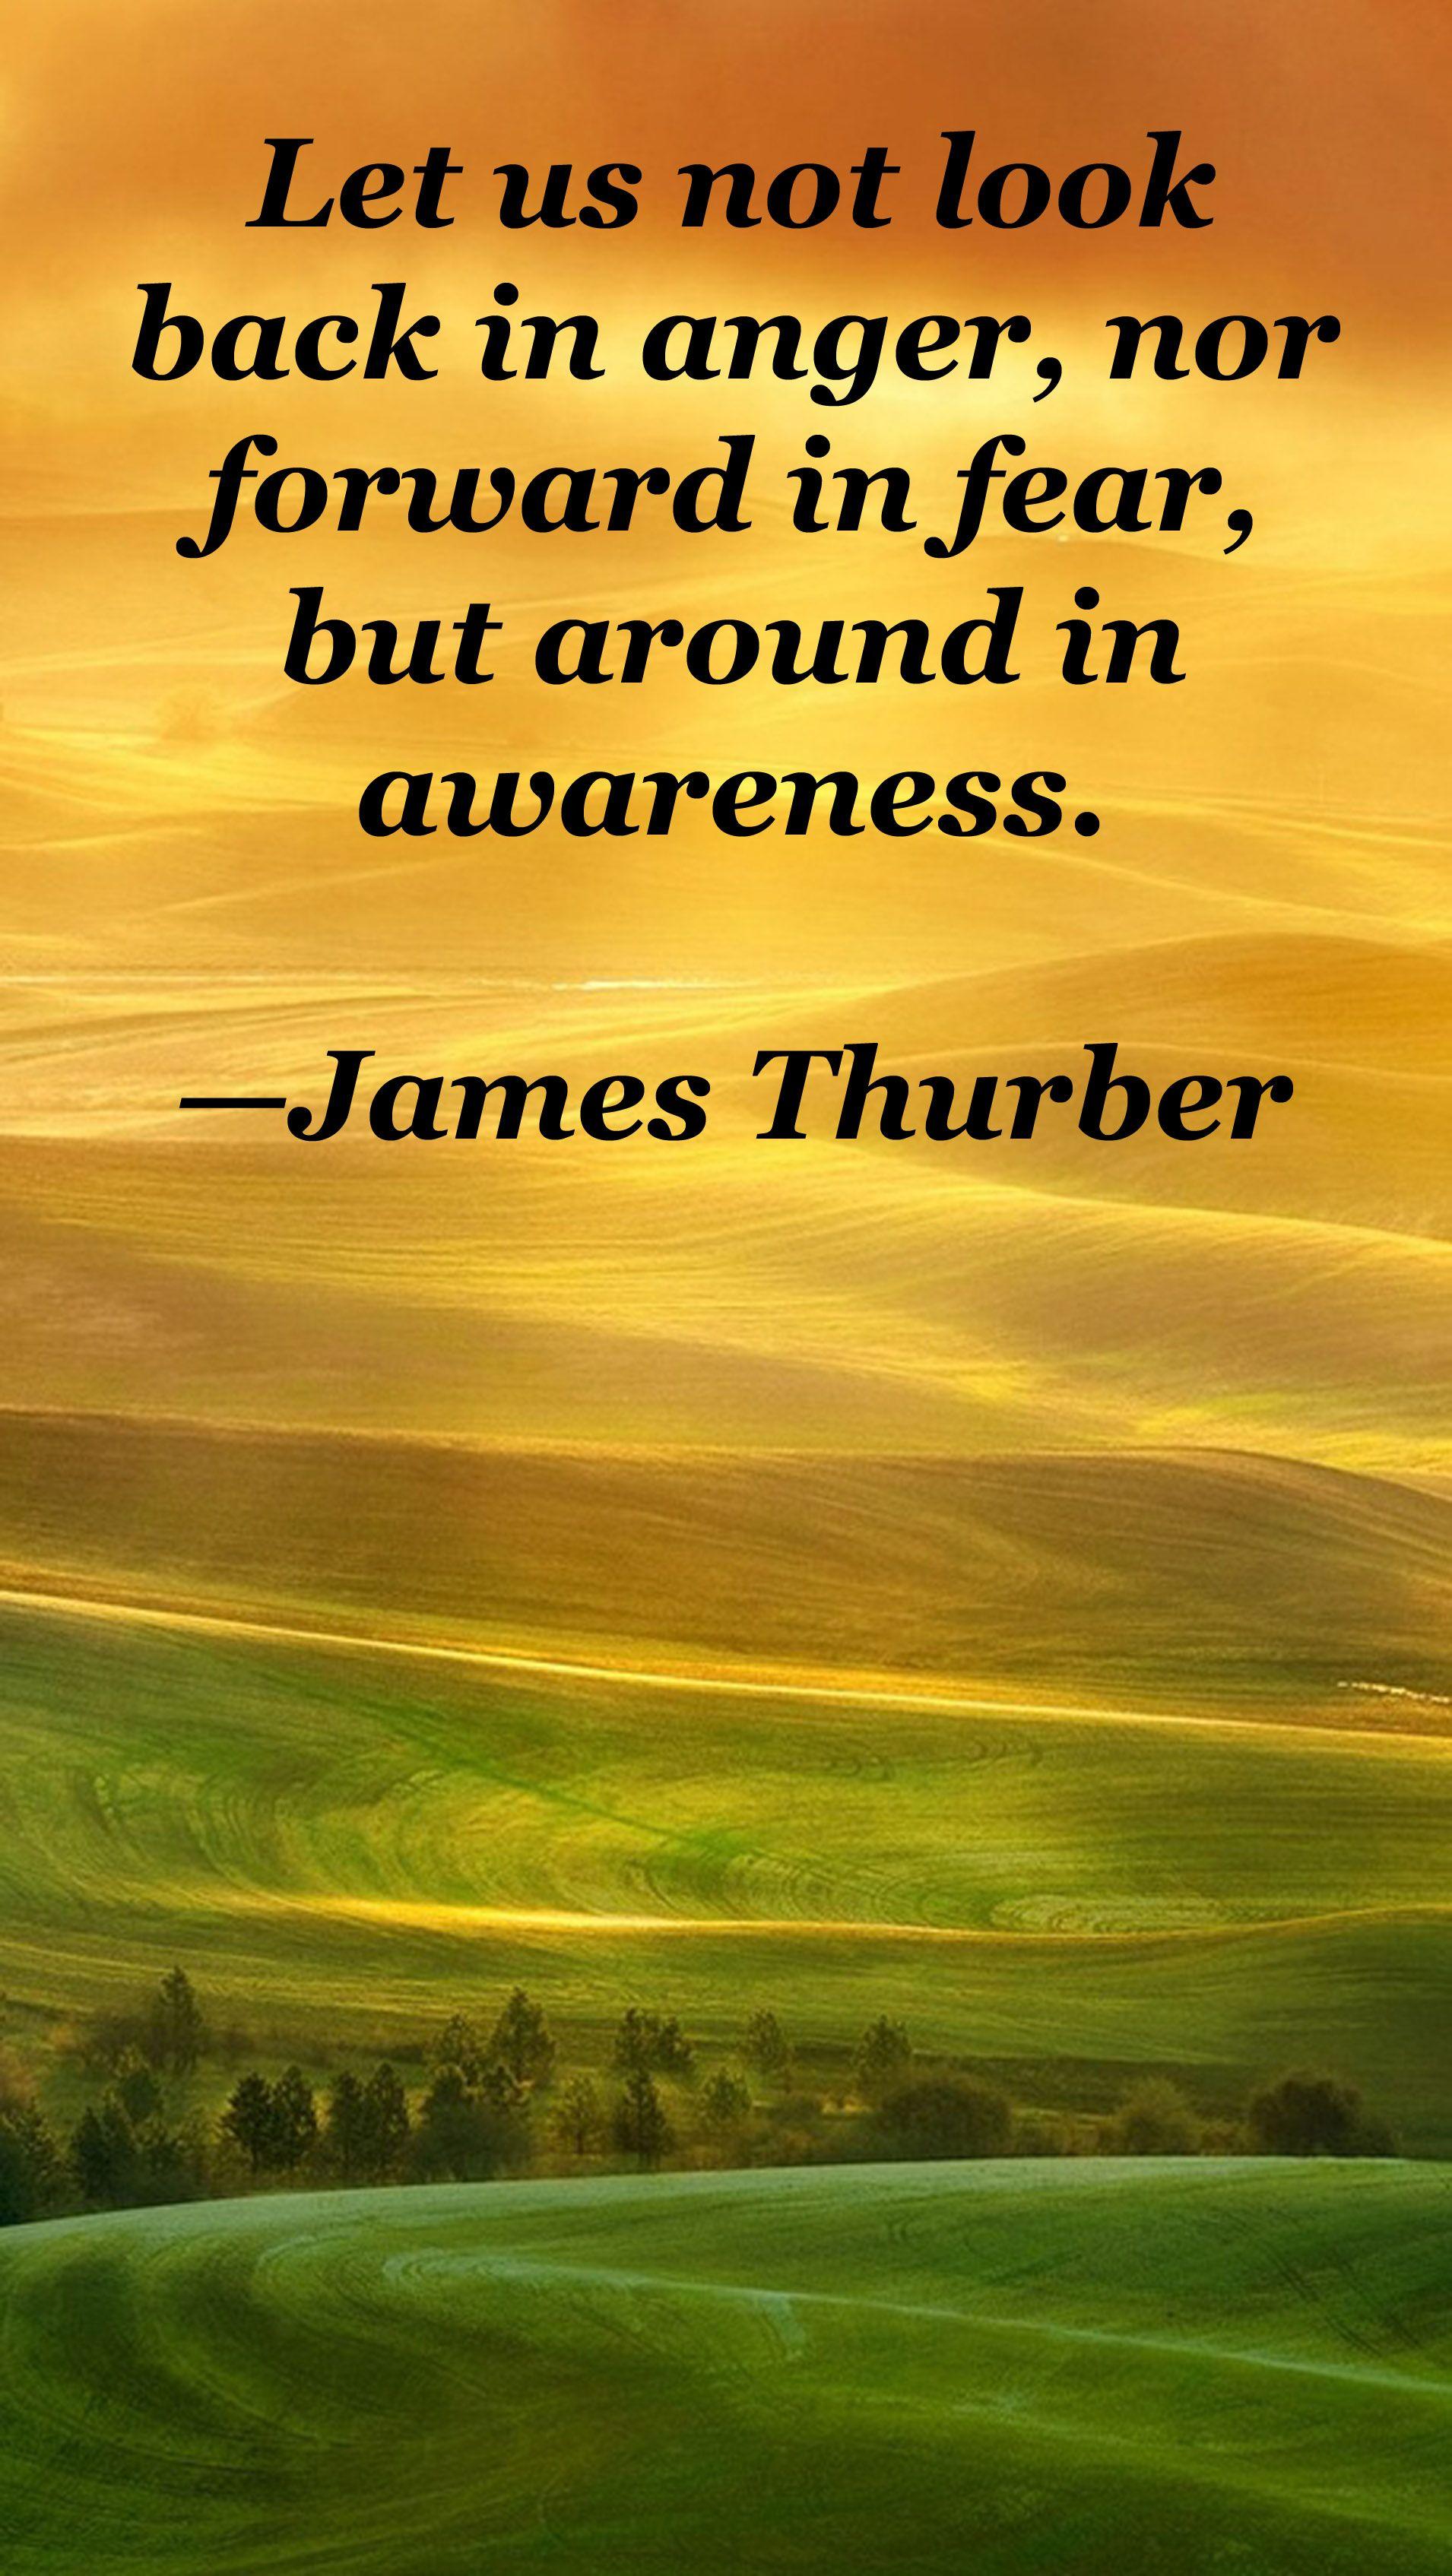 Look around in awareness.